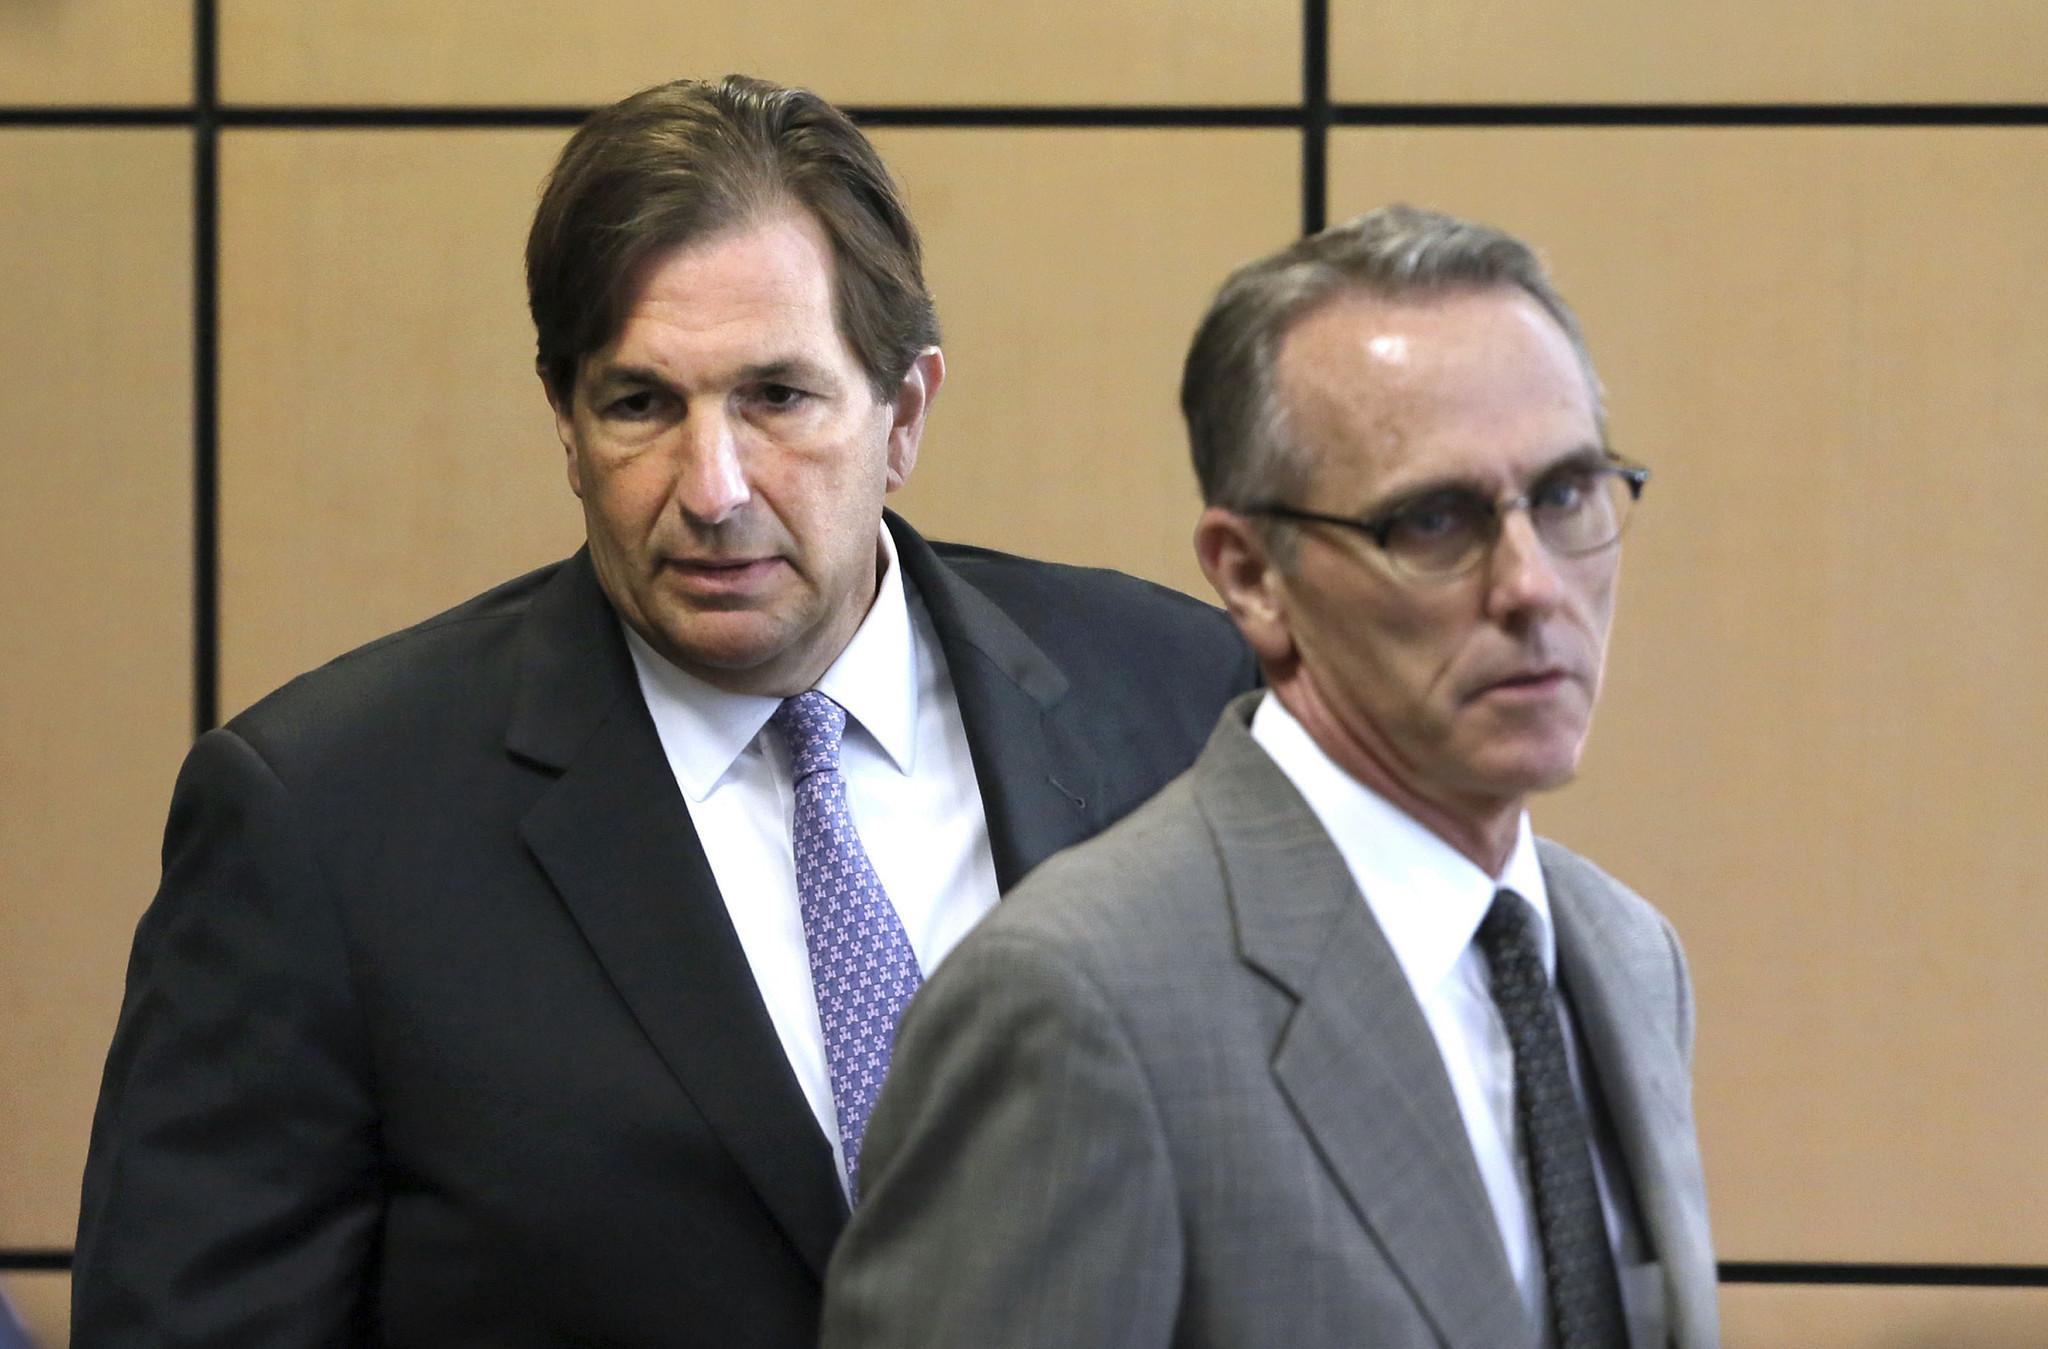 Scott Keller Attorney West Palm Beach